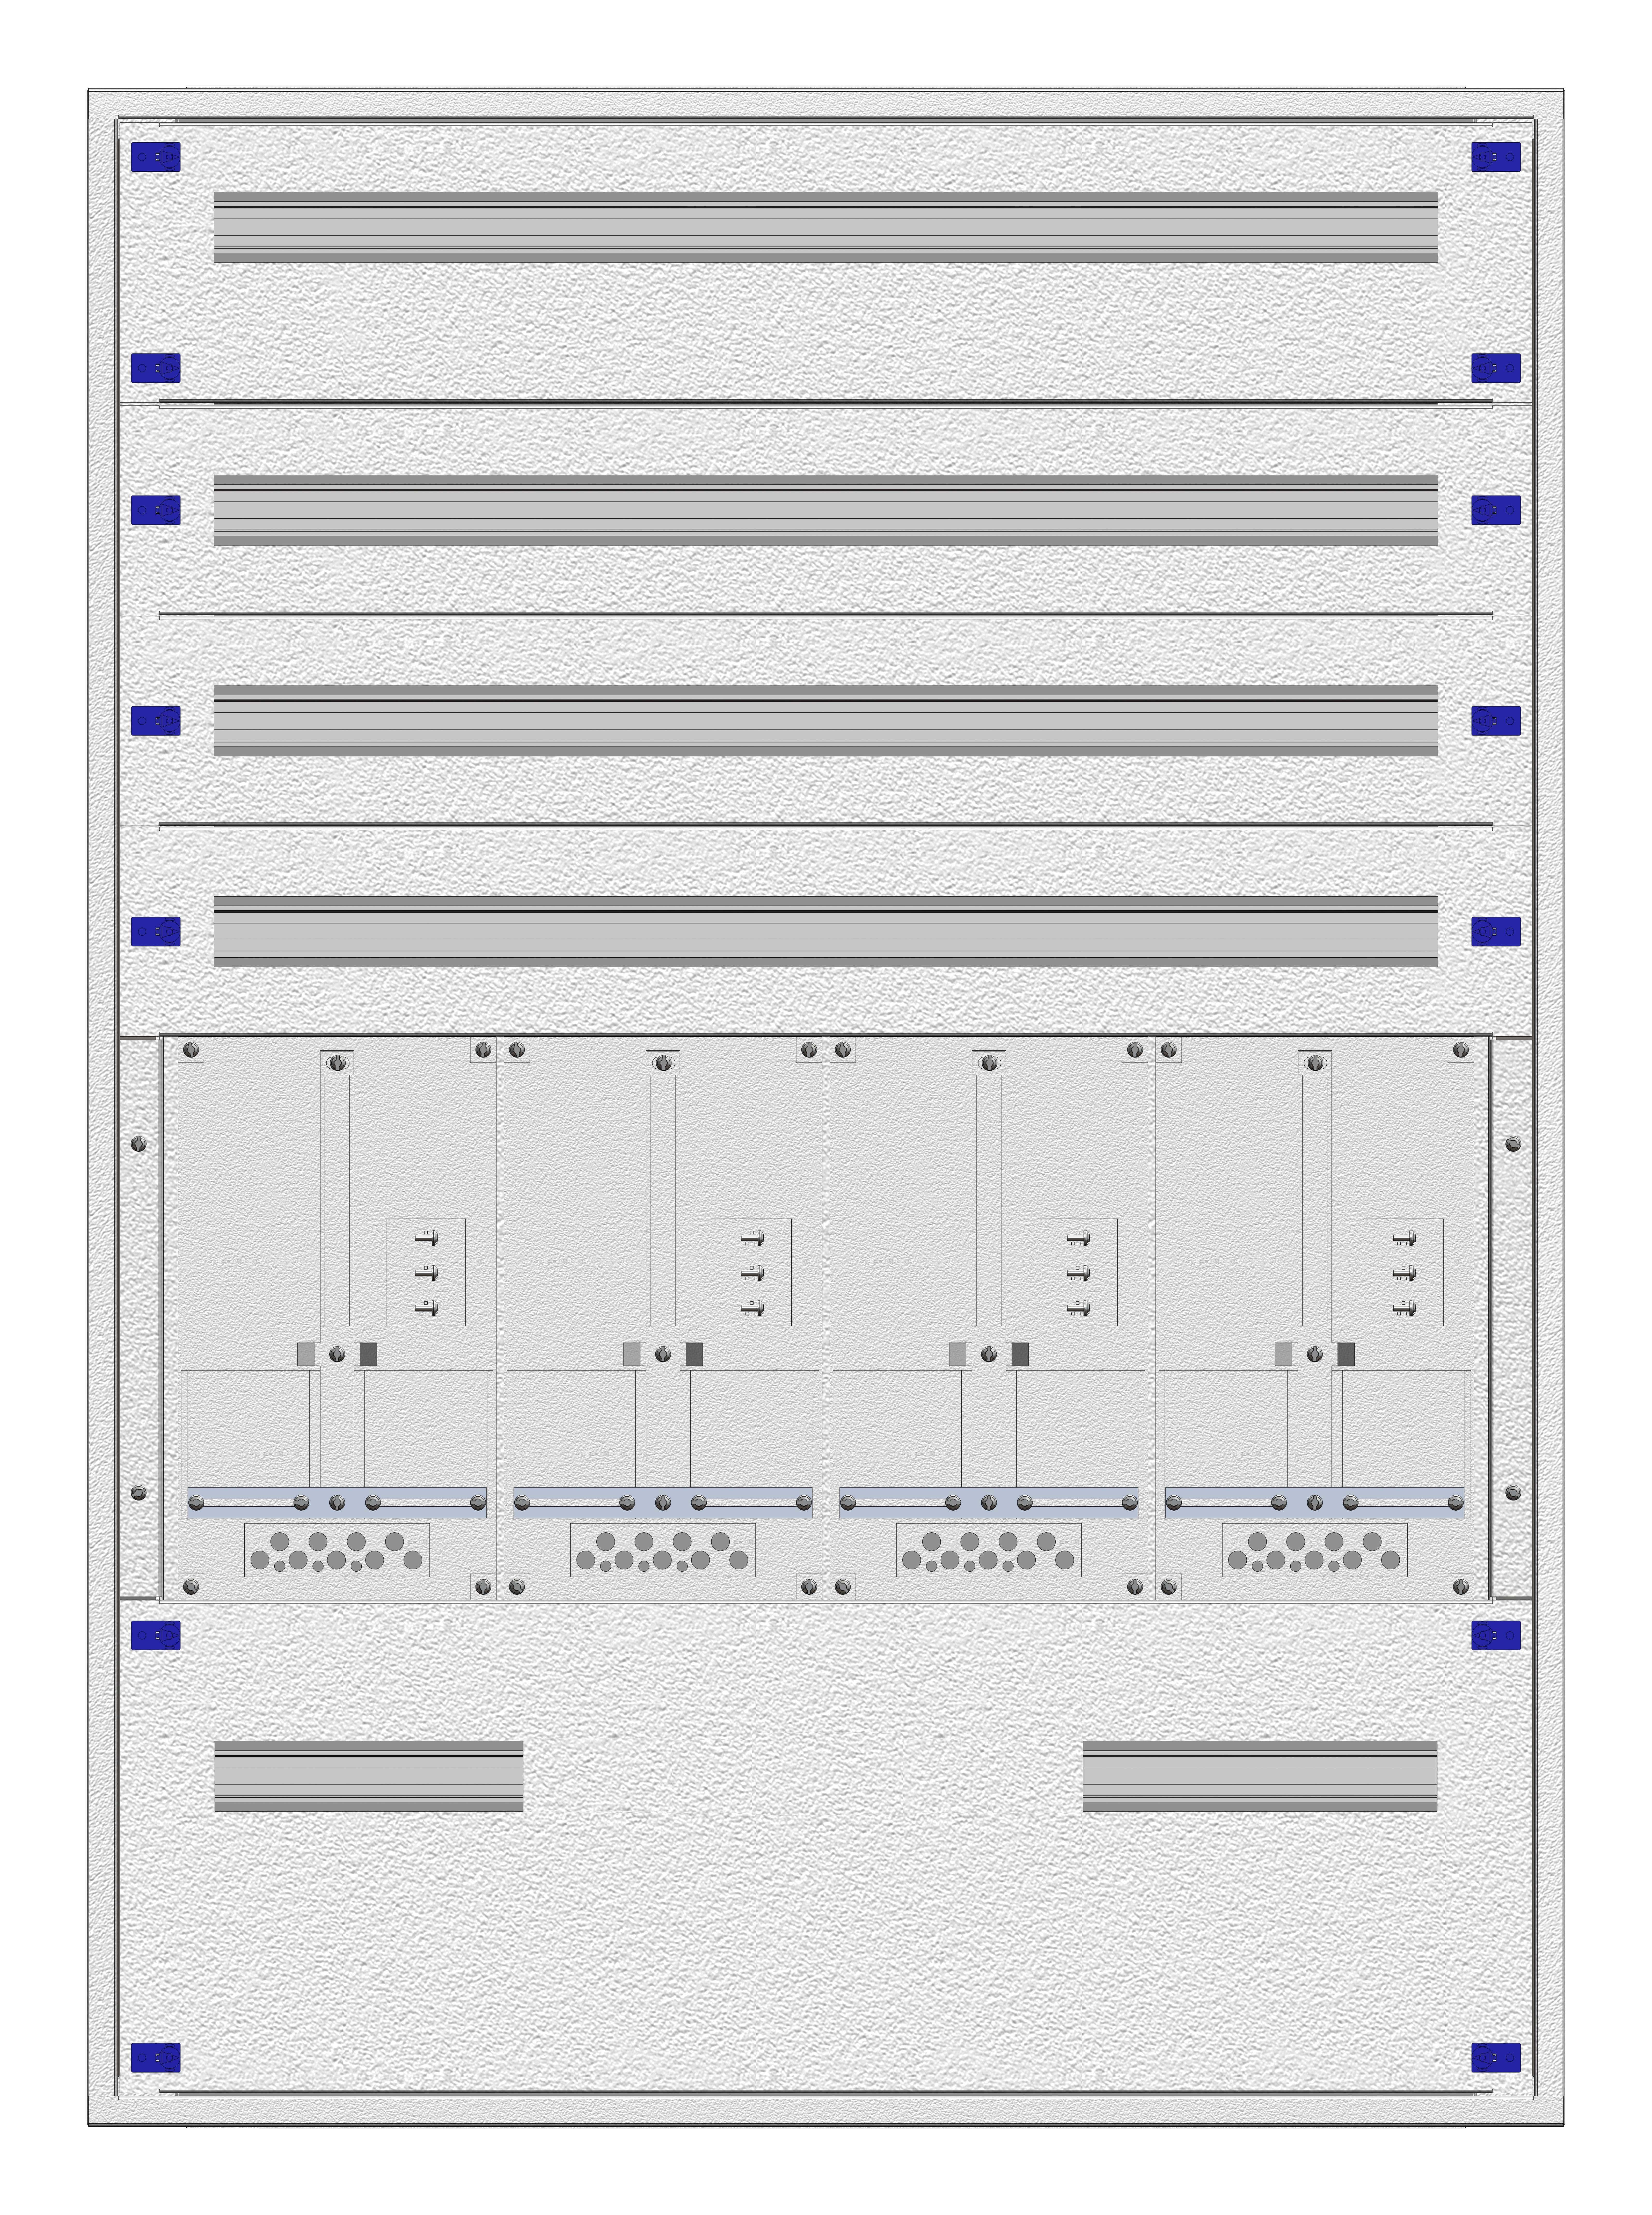 1 Stk Eco-UP-Verteiler 4U28 + Mauerwanne OÖ/SBG RAL9016 IL864428-3